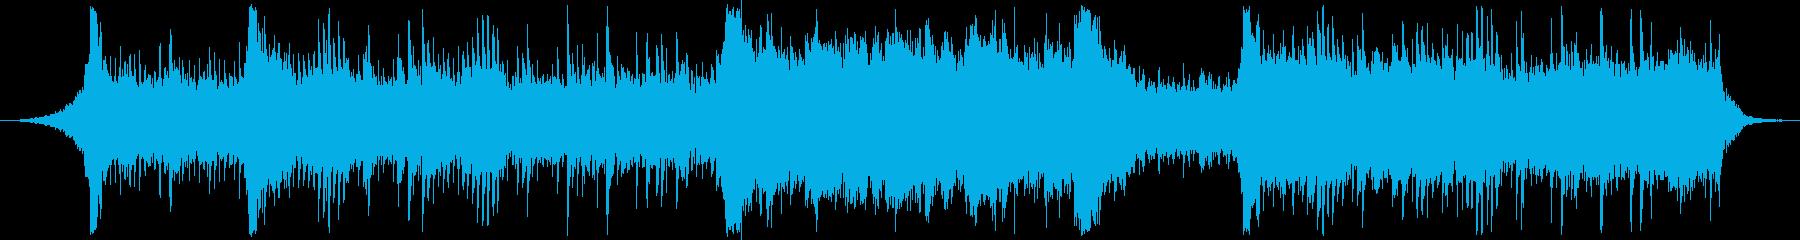 しっとりした和風のヒーリング曲の再生済みの波形